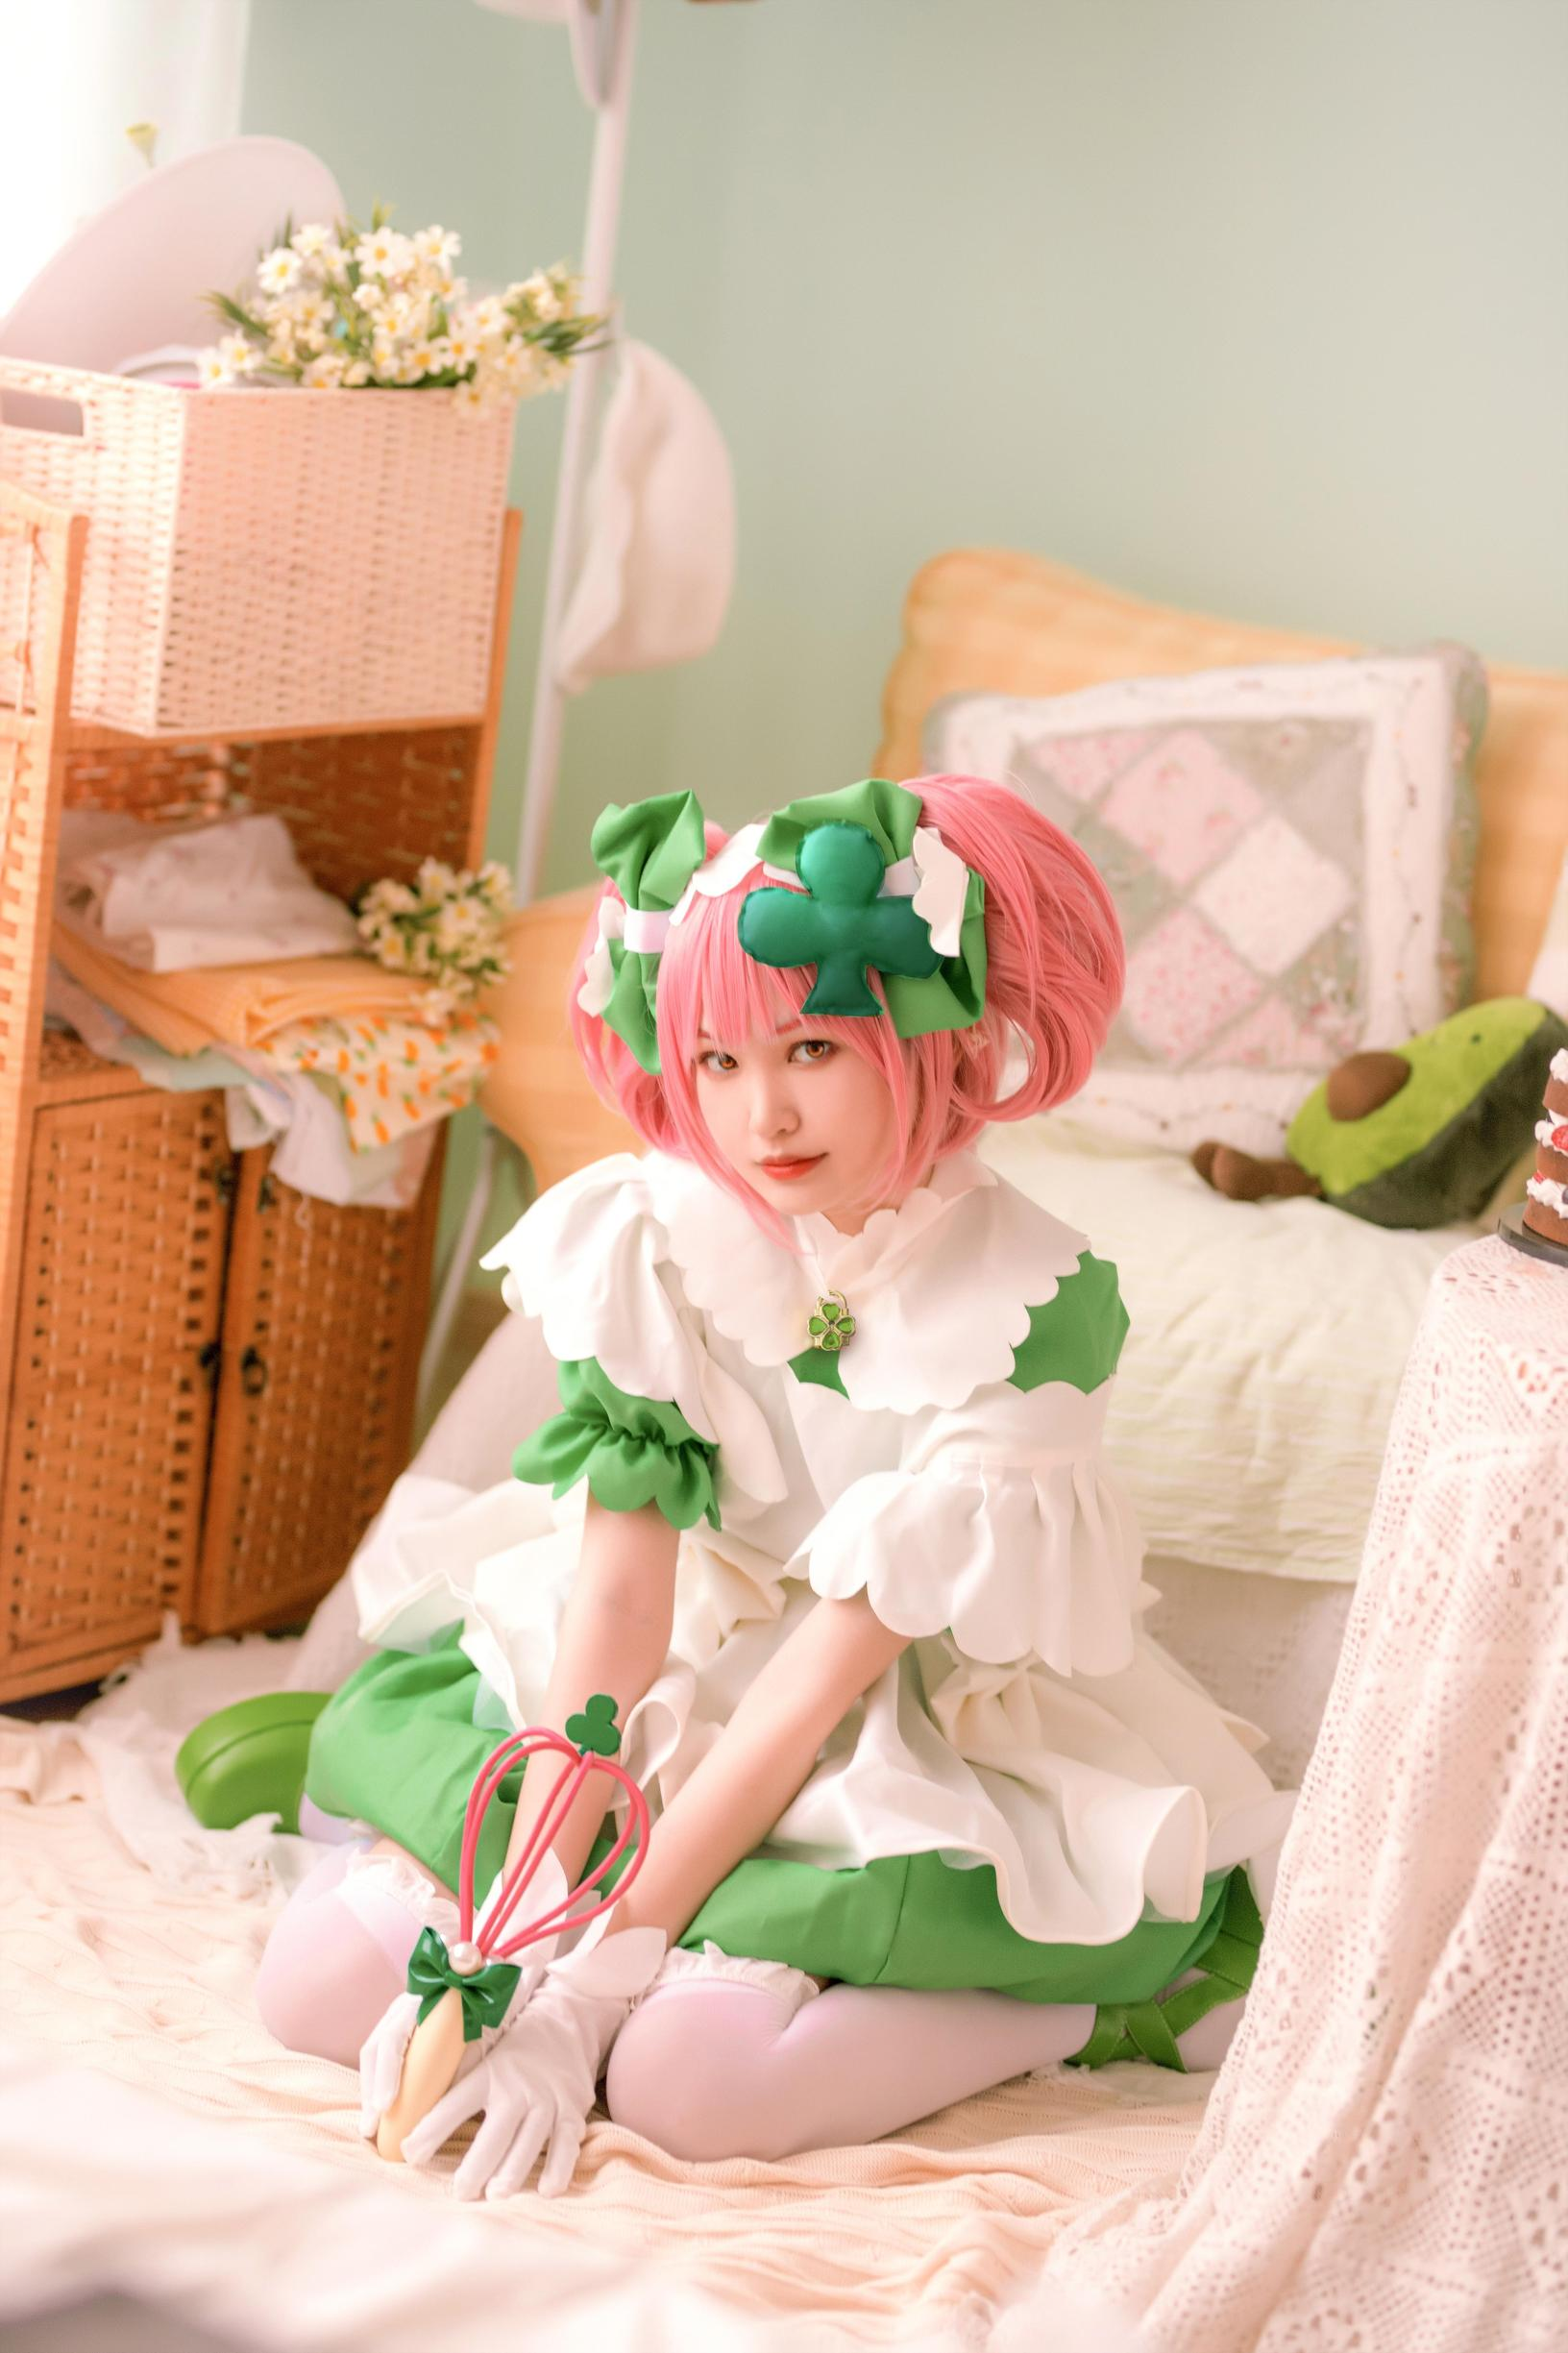 《守护甜心!》王者荣耀王昭君cosplay【CN:酥茶糕】 -水冰月cosplay图片插图